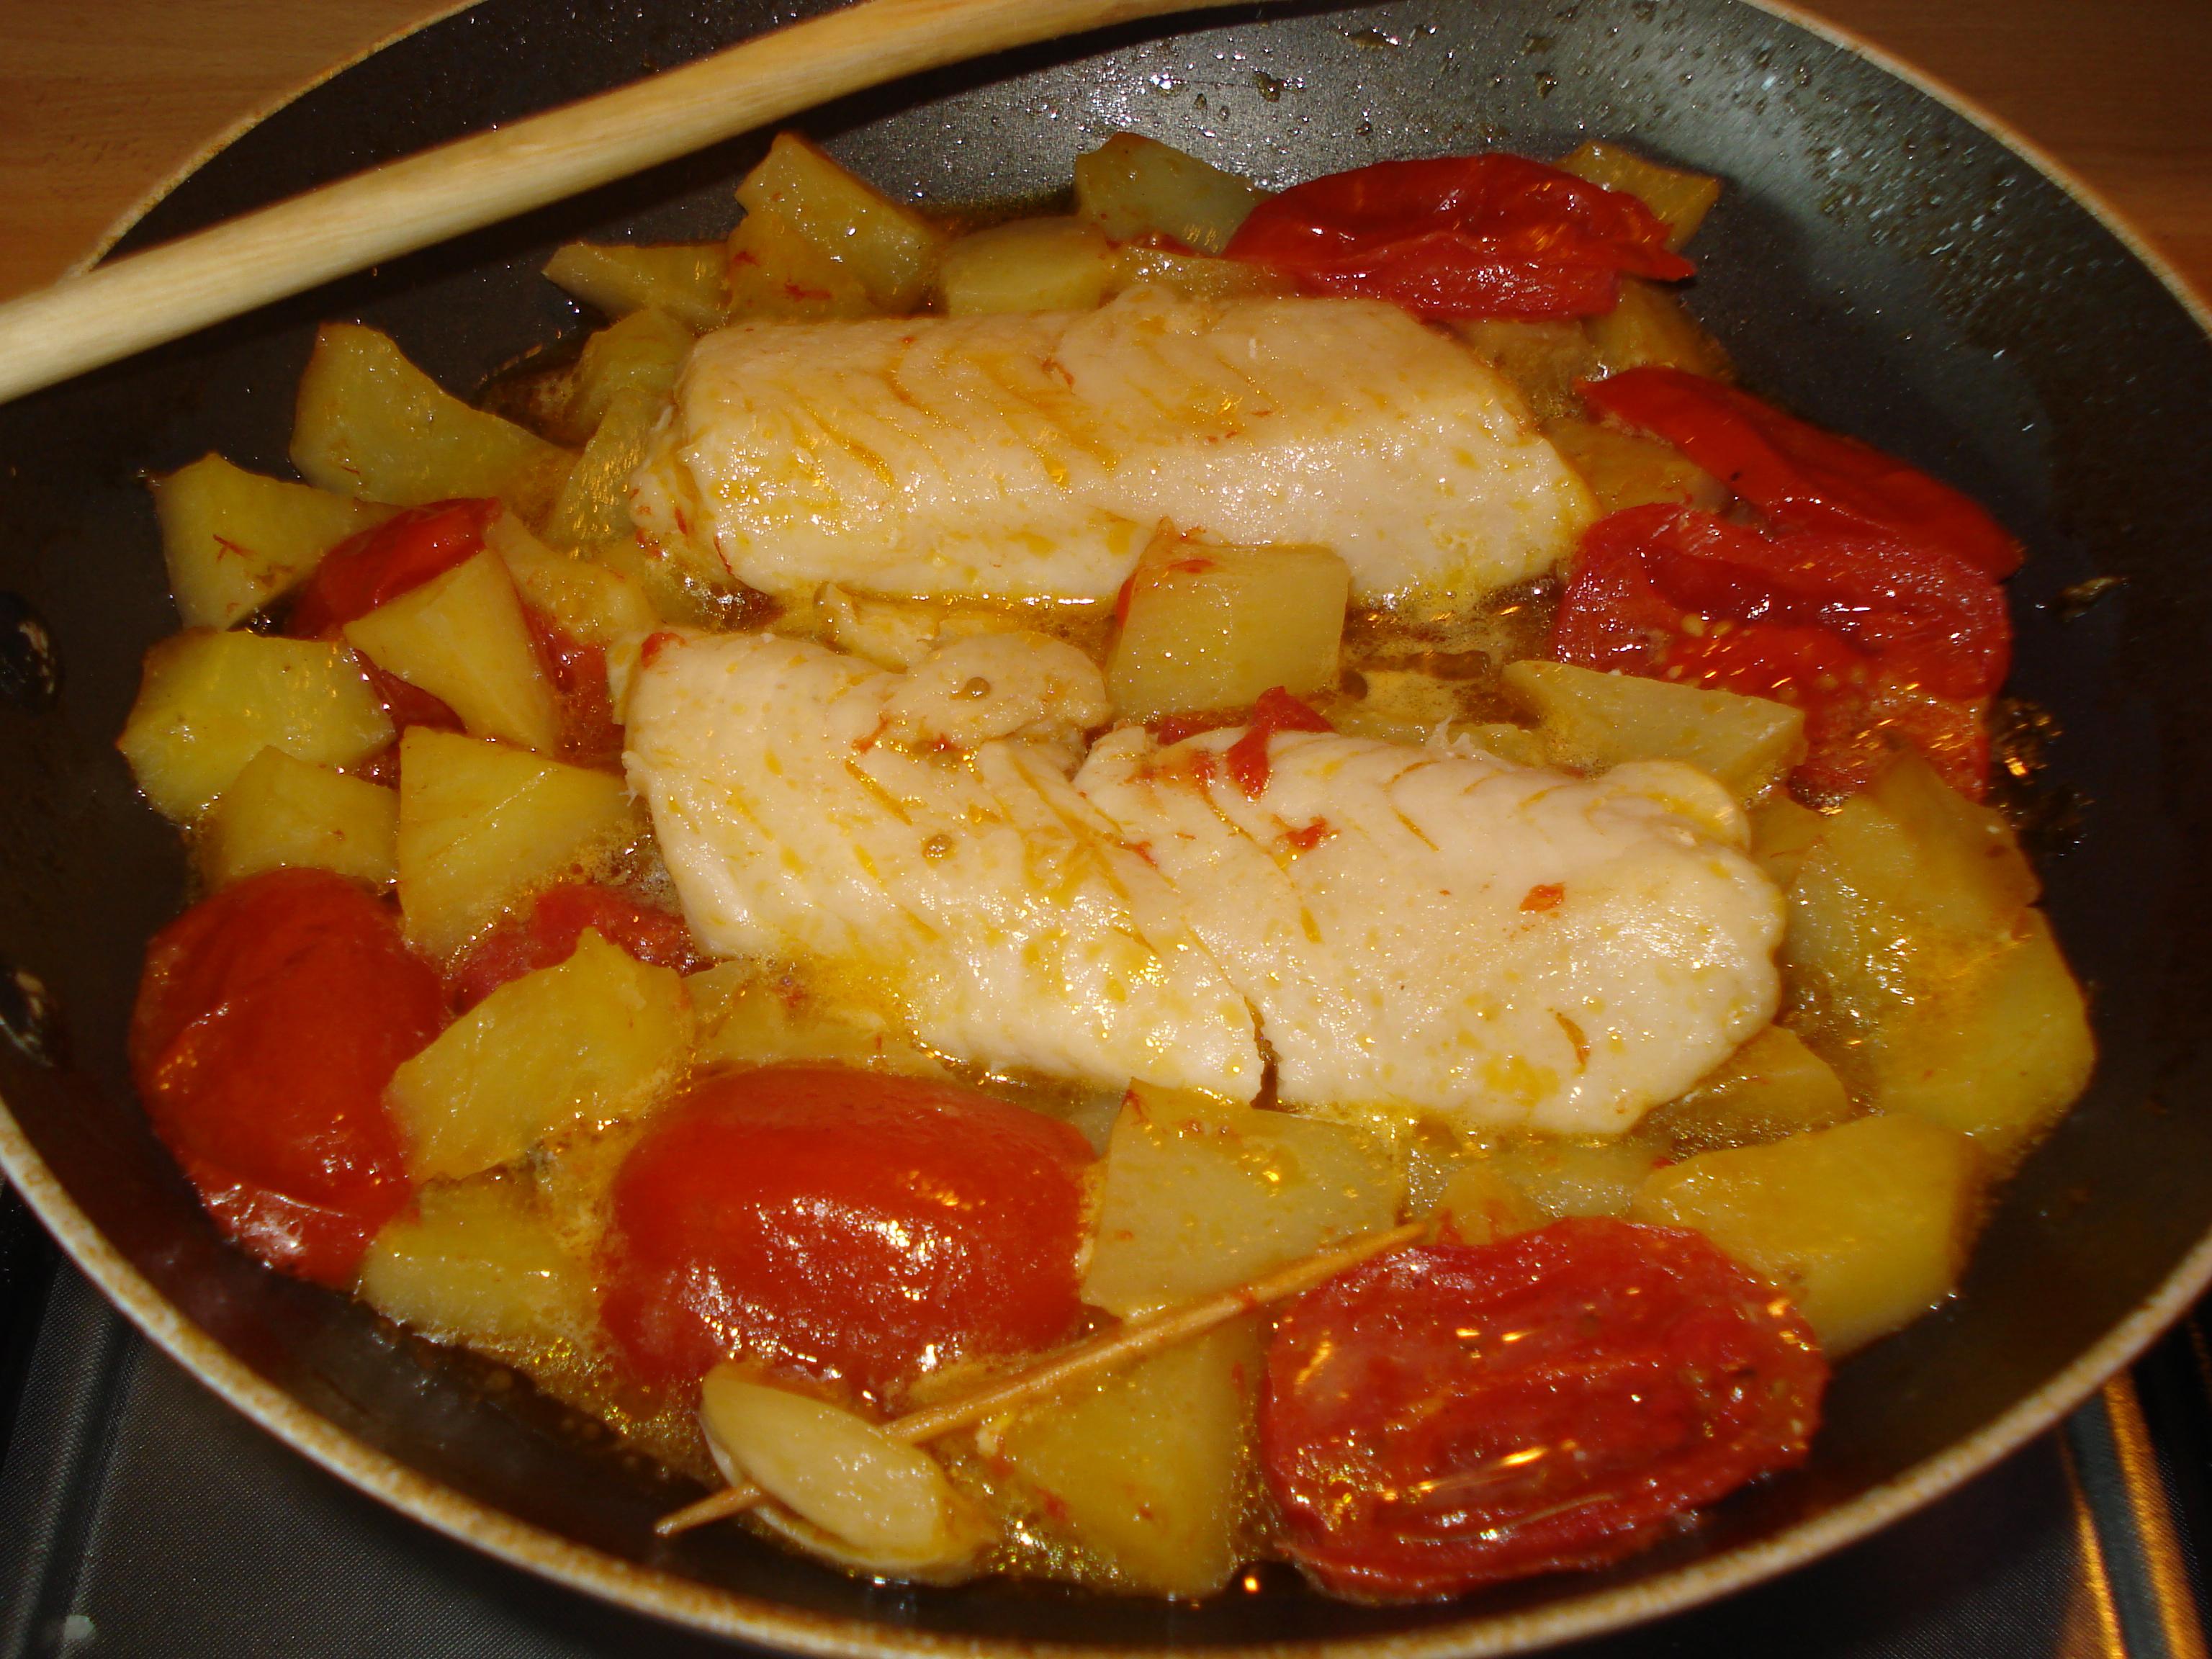 filetti di merluzzo con pomodori e patate - Cucinare Filetto Di Merluzzo